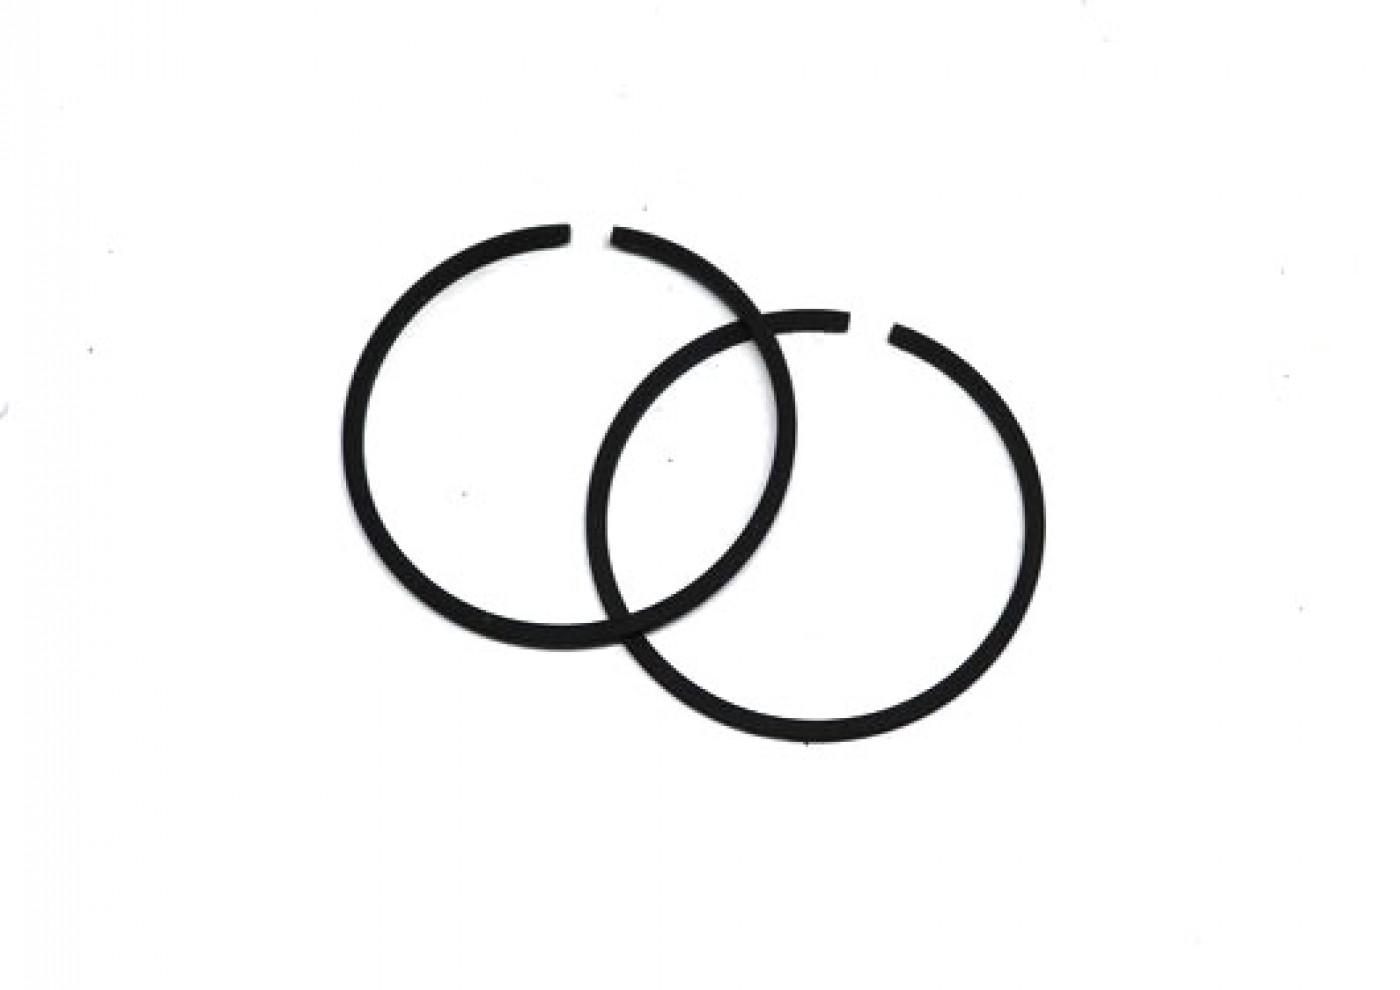 Súprava piestnych krúžkov Stihl MS381